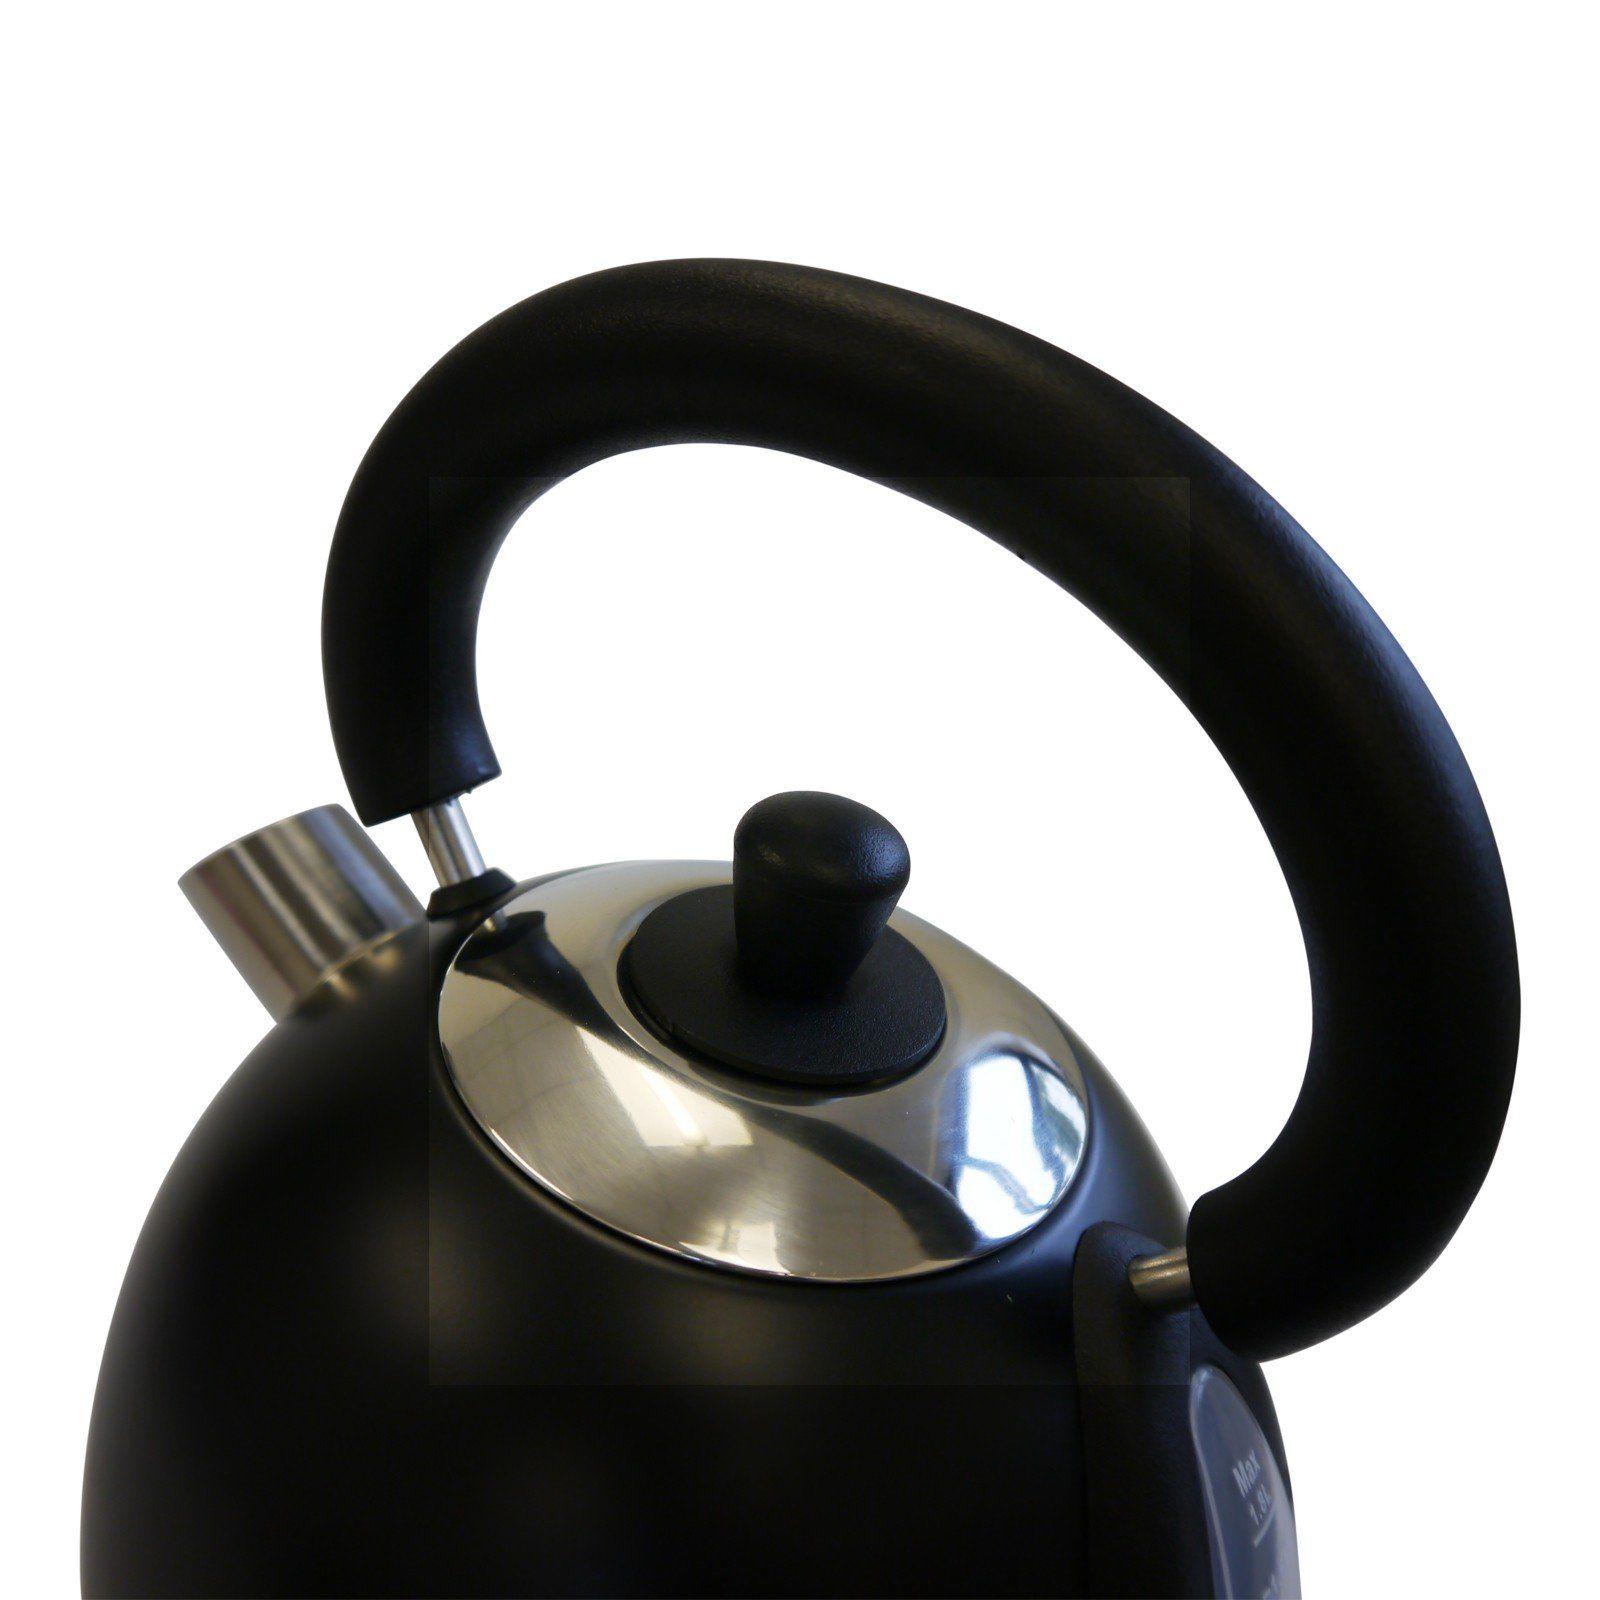 Grafner-Retro-Wasserkocher-Edelstahl-Wasser-Tee-Kocher-elektrischer-Wasserkessel